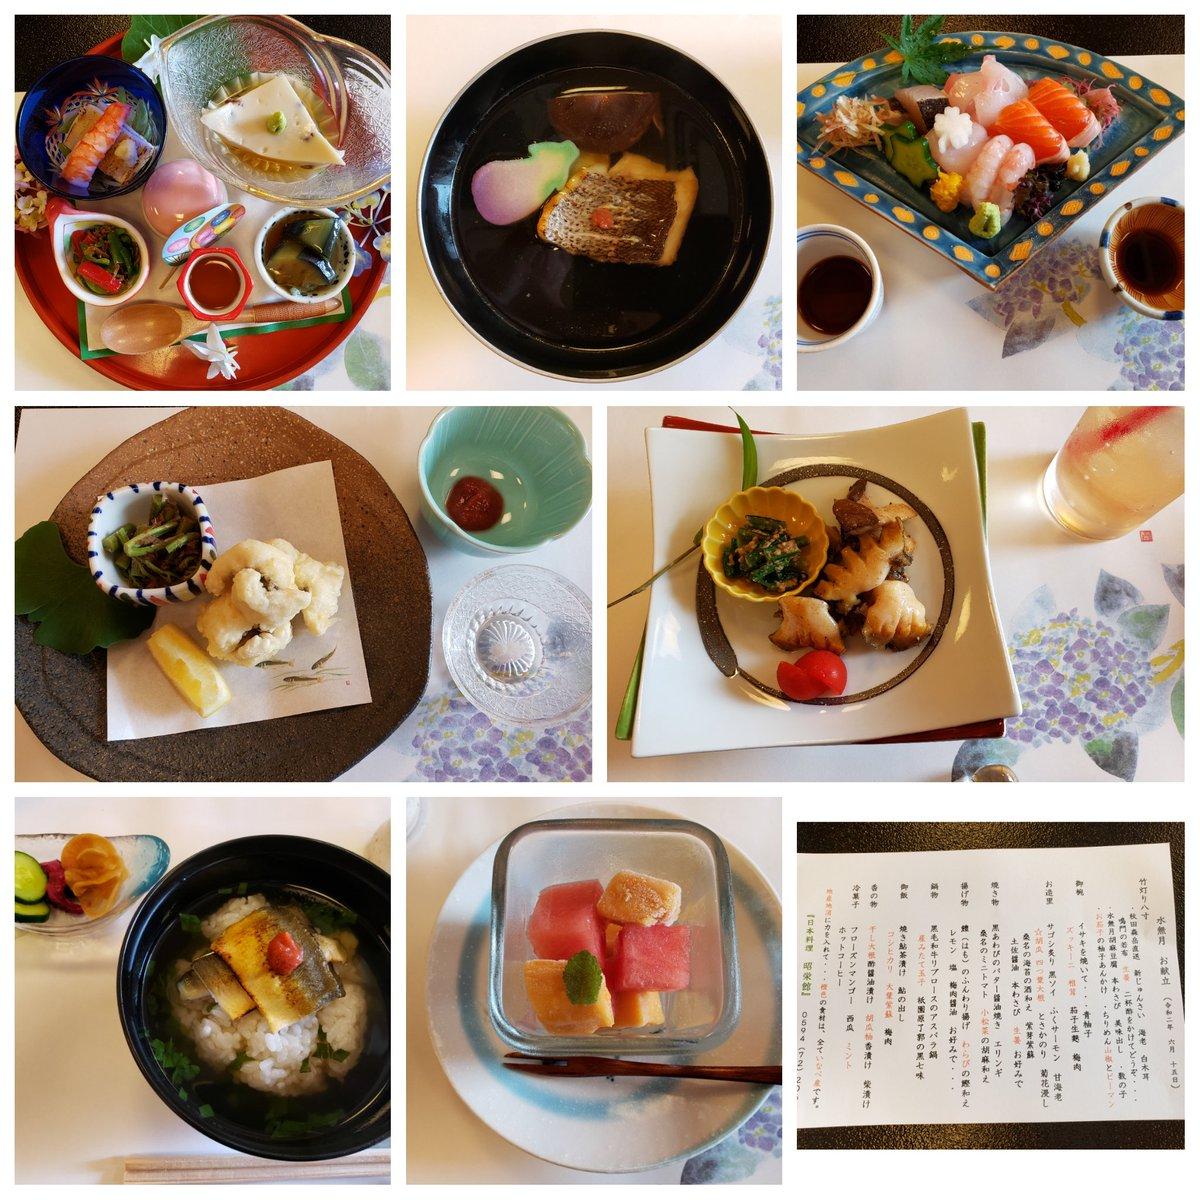 姉二人に退職祝いのランチ会をしてもらいました。本当に久し振りの日本料理。どんなに食べたかったことか……。 https://t.co/fYHvmG2wGx